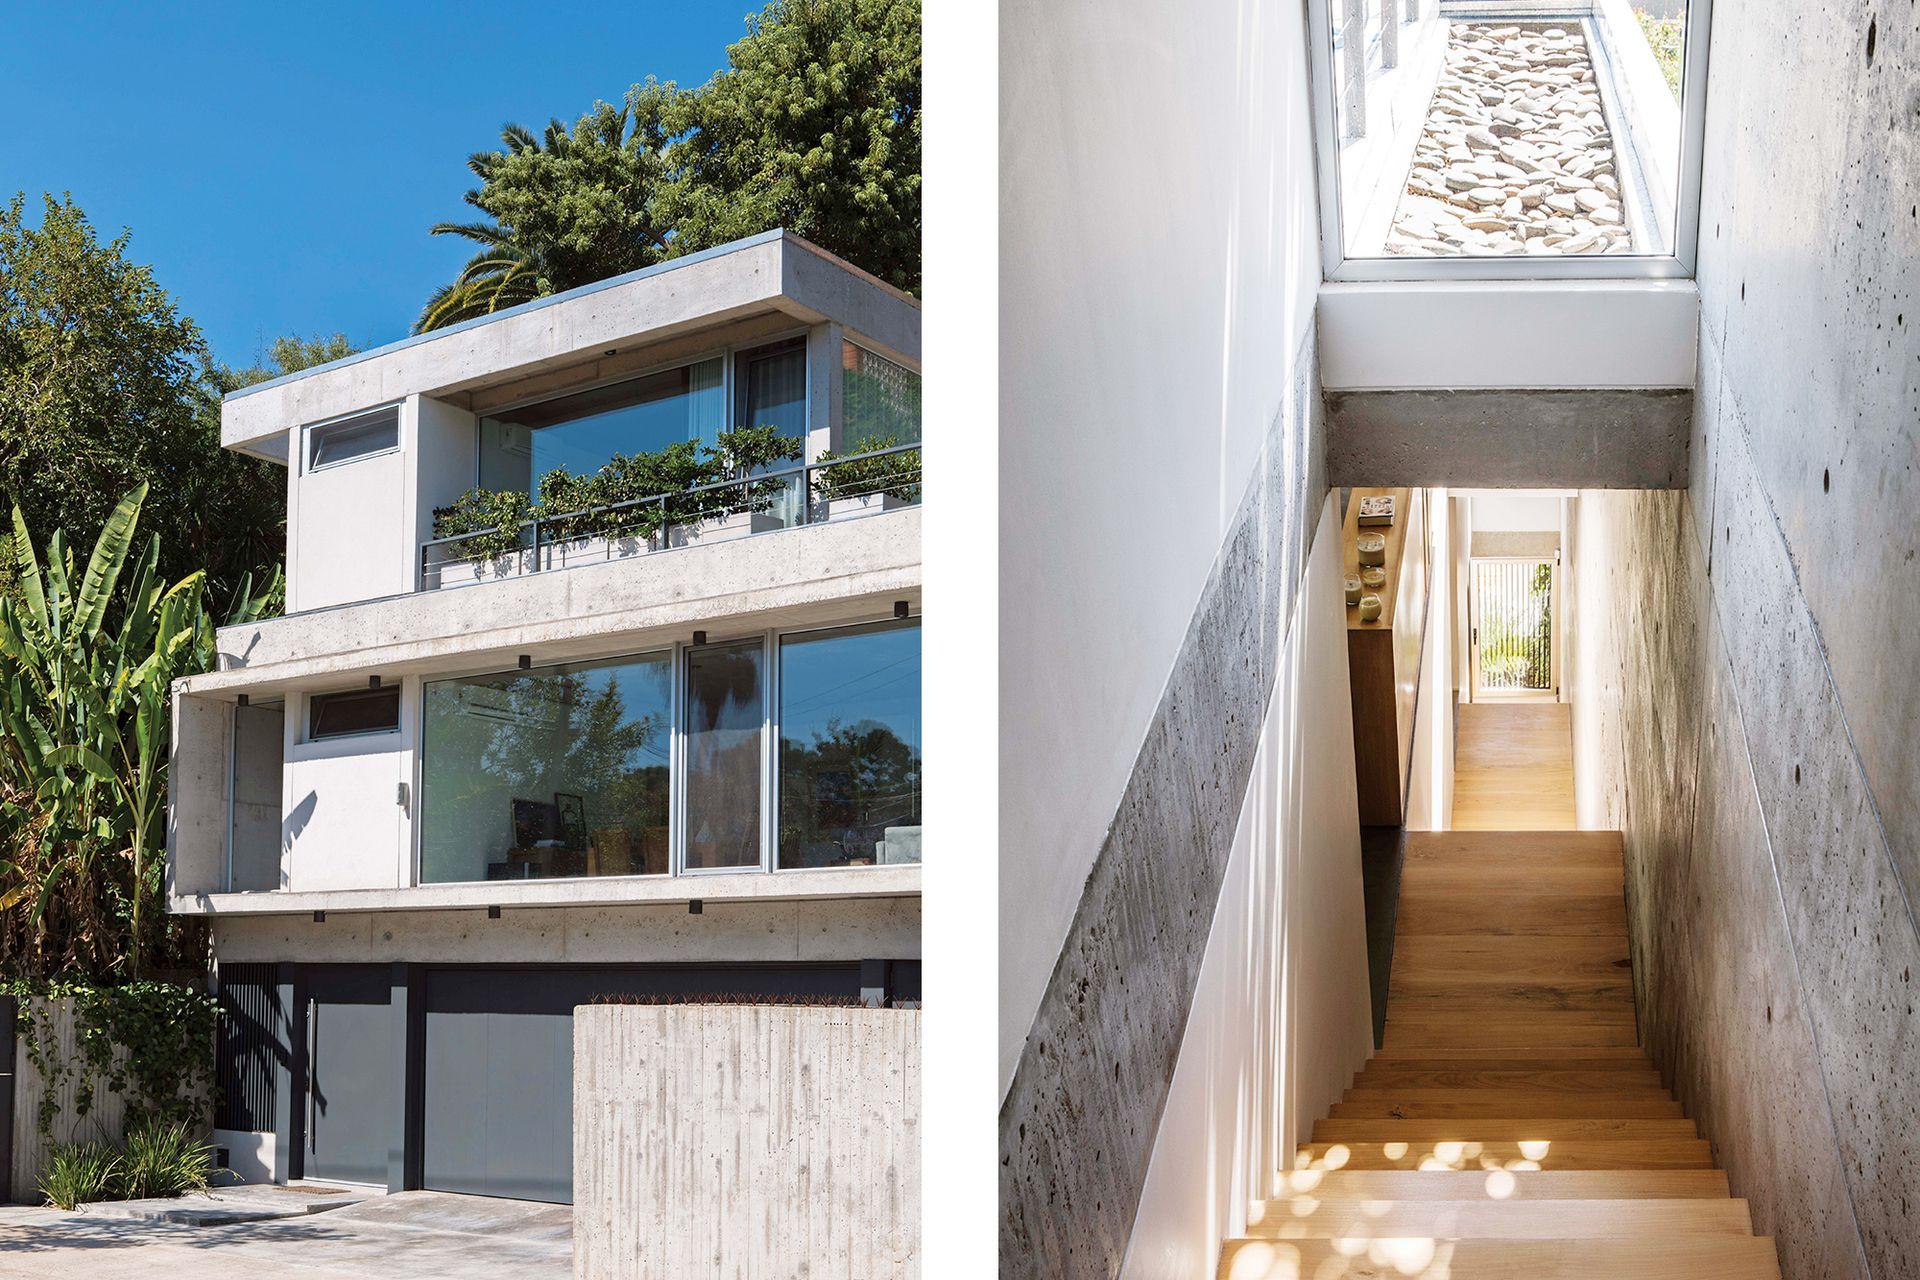 En planta baja: garage, lavadero y hall de entrada. En primer piso,: cocina, living-comedor y galería con pileta. En el segundo, área de estar y los dormitorios. Arriba de todo, un ambiente rodeado de terraza que, en una segunda etapa, puede convertirse en estudio o nueva suite.